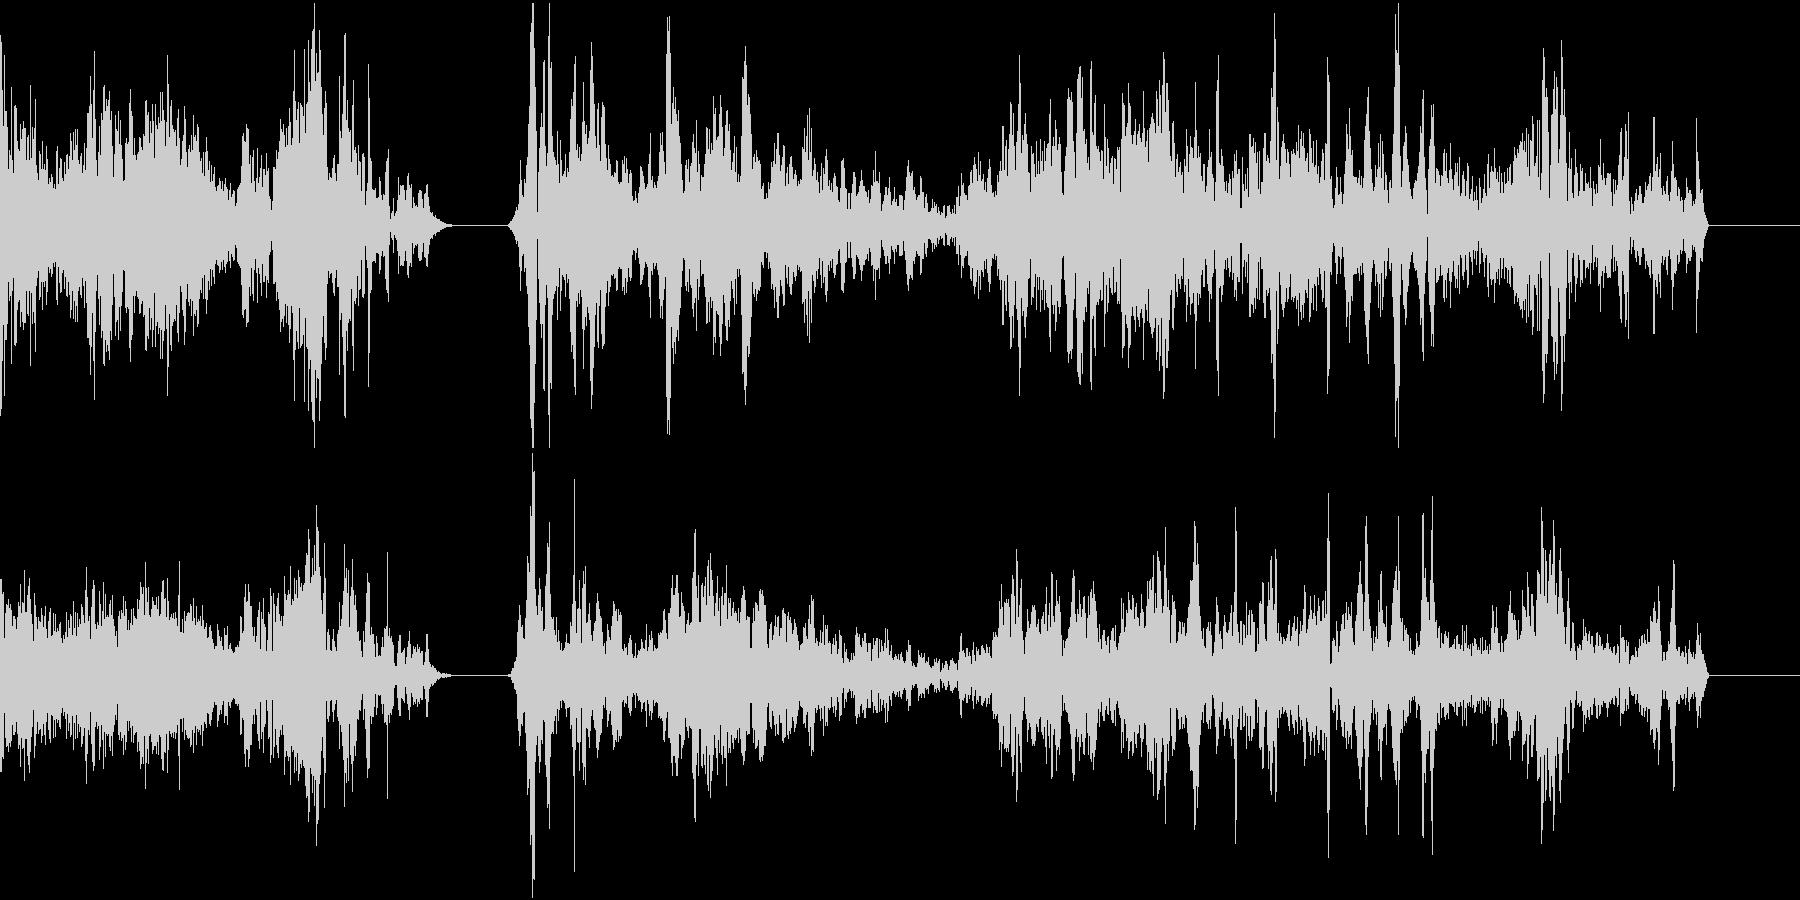 TVFX POPなザッピング音 1の未再生の波形